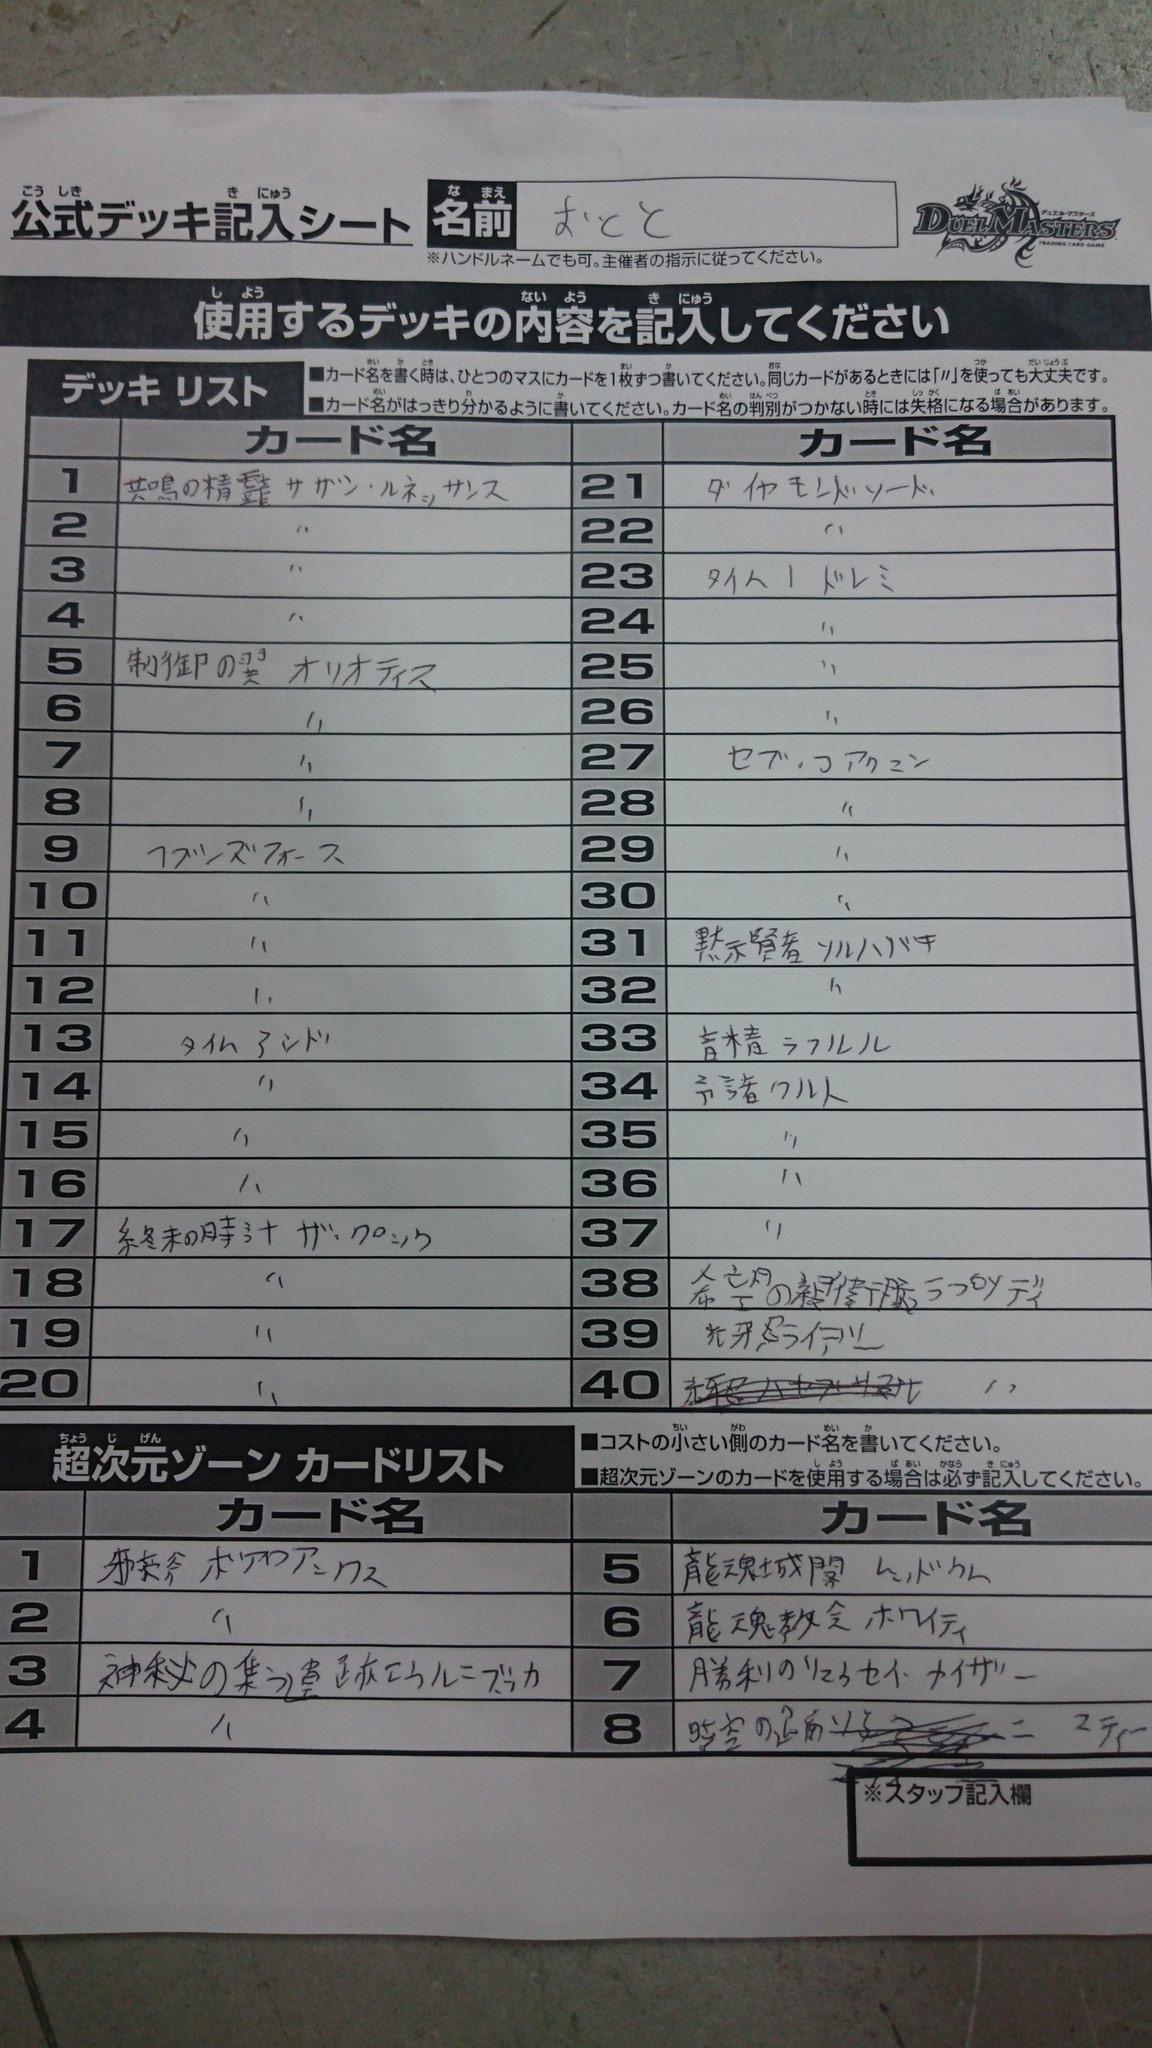 dm-choushu-cc-3rd-20160911-deck-1st.jpg